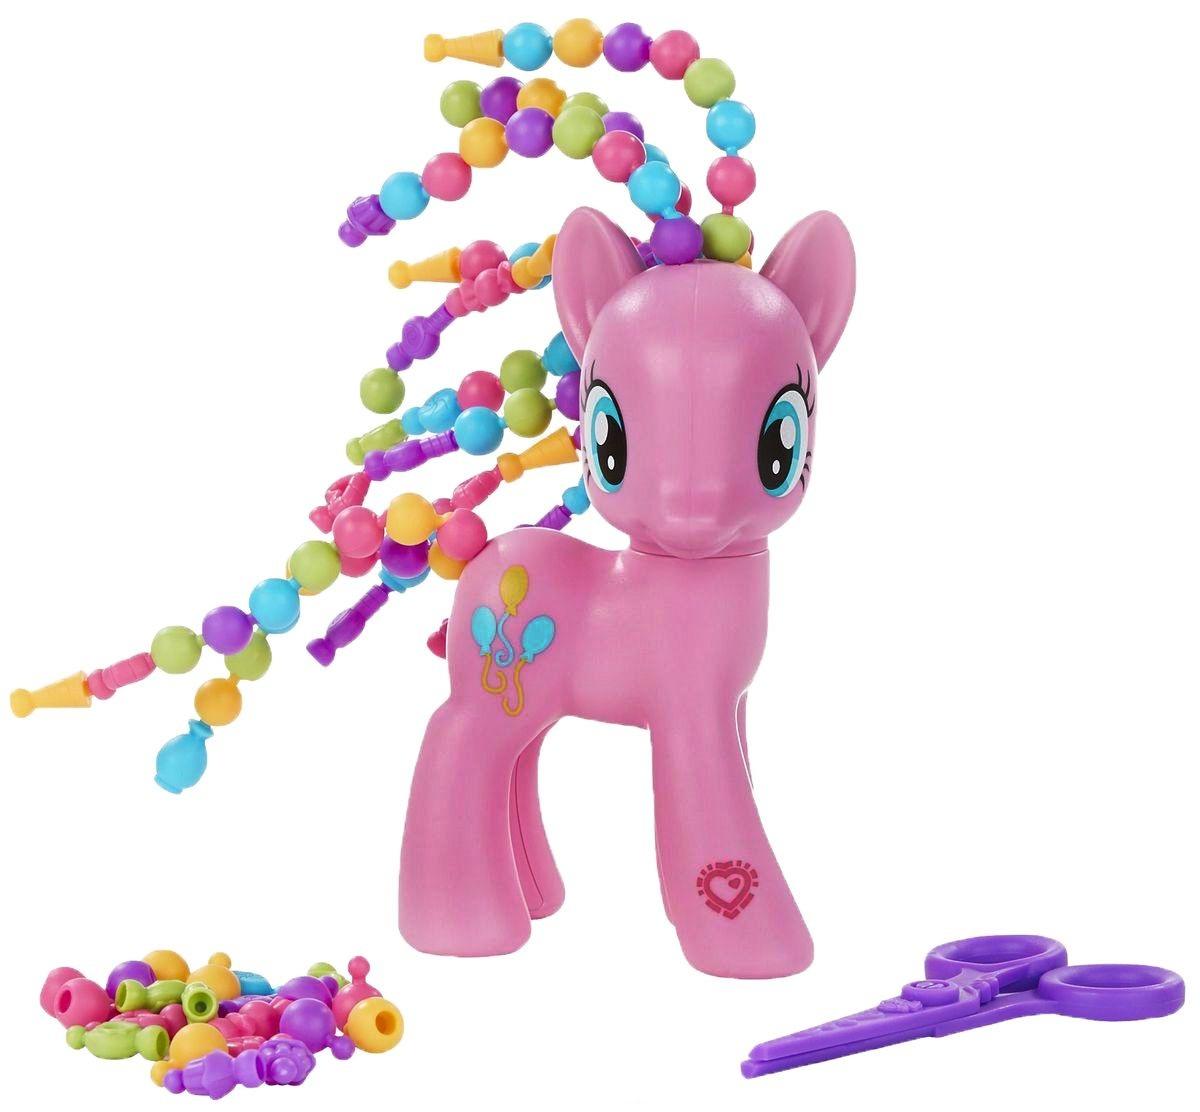 Купить Игровой набор My Little Pony Пони с разными прическами - Пинки Пай, Hasbro